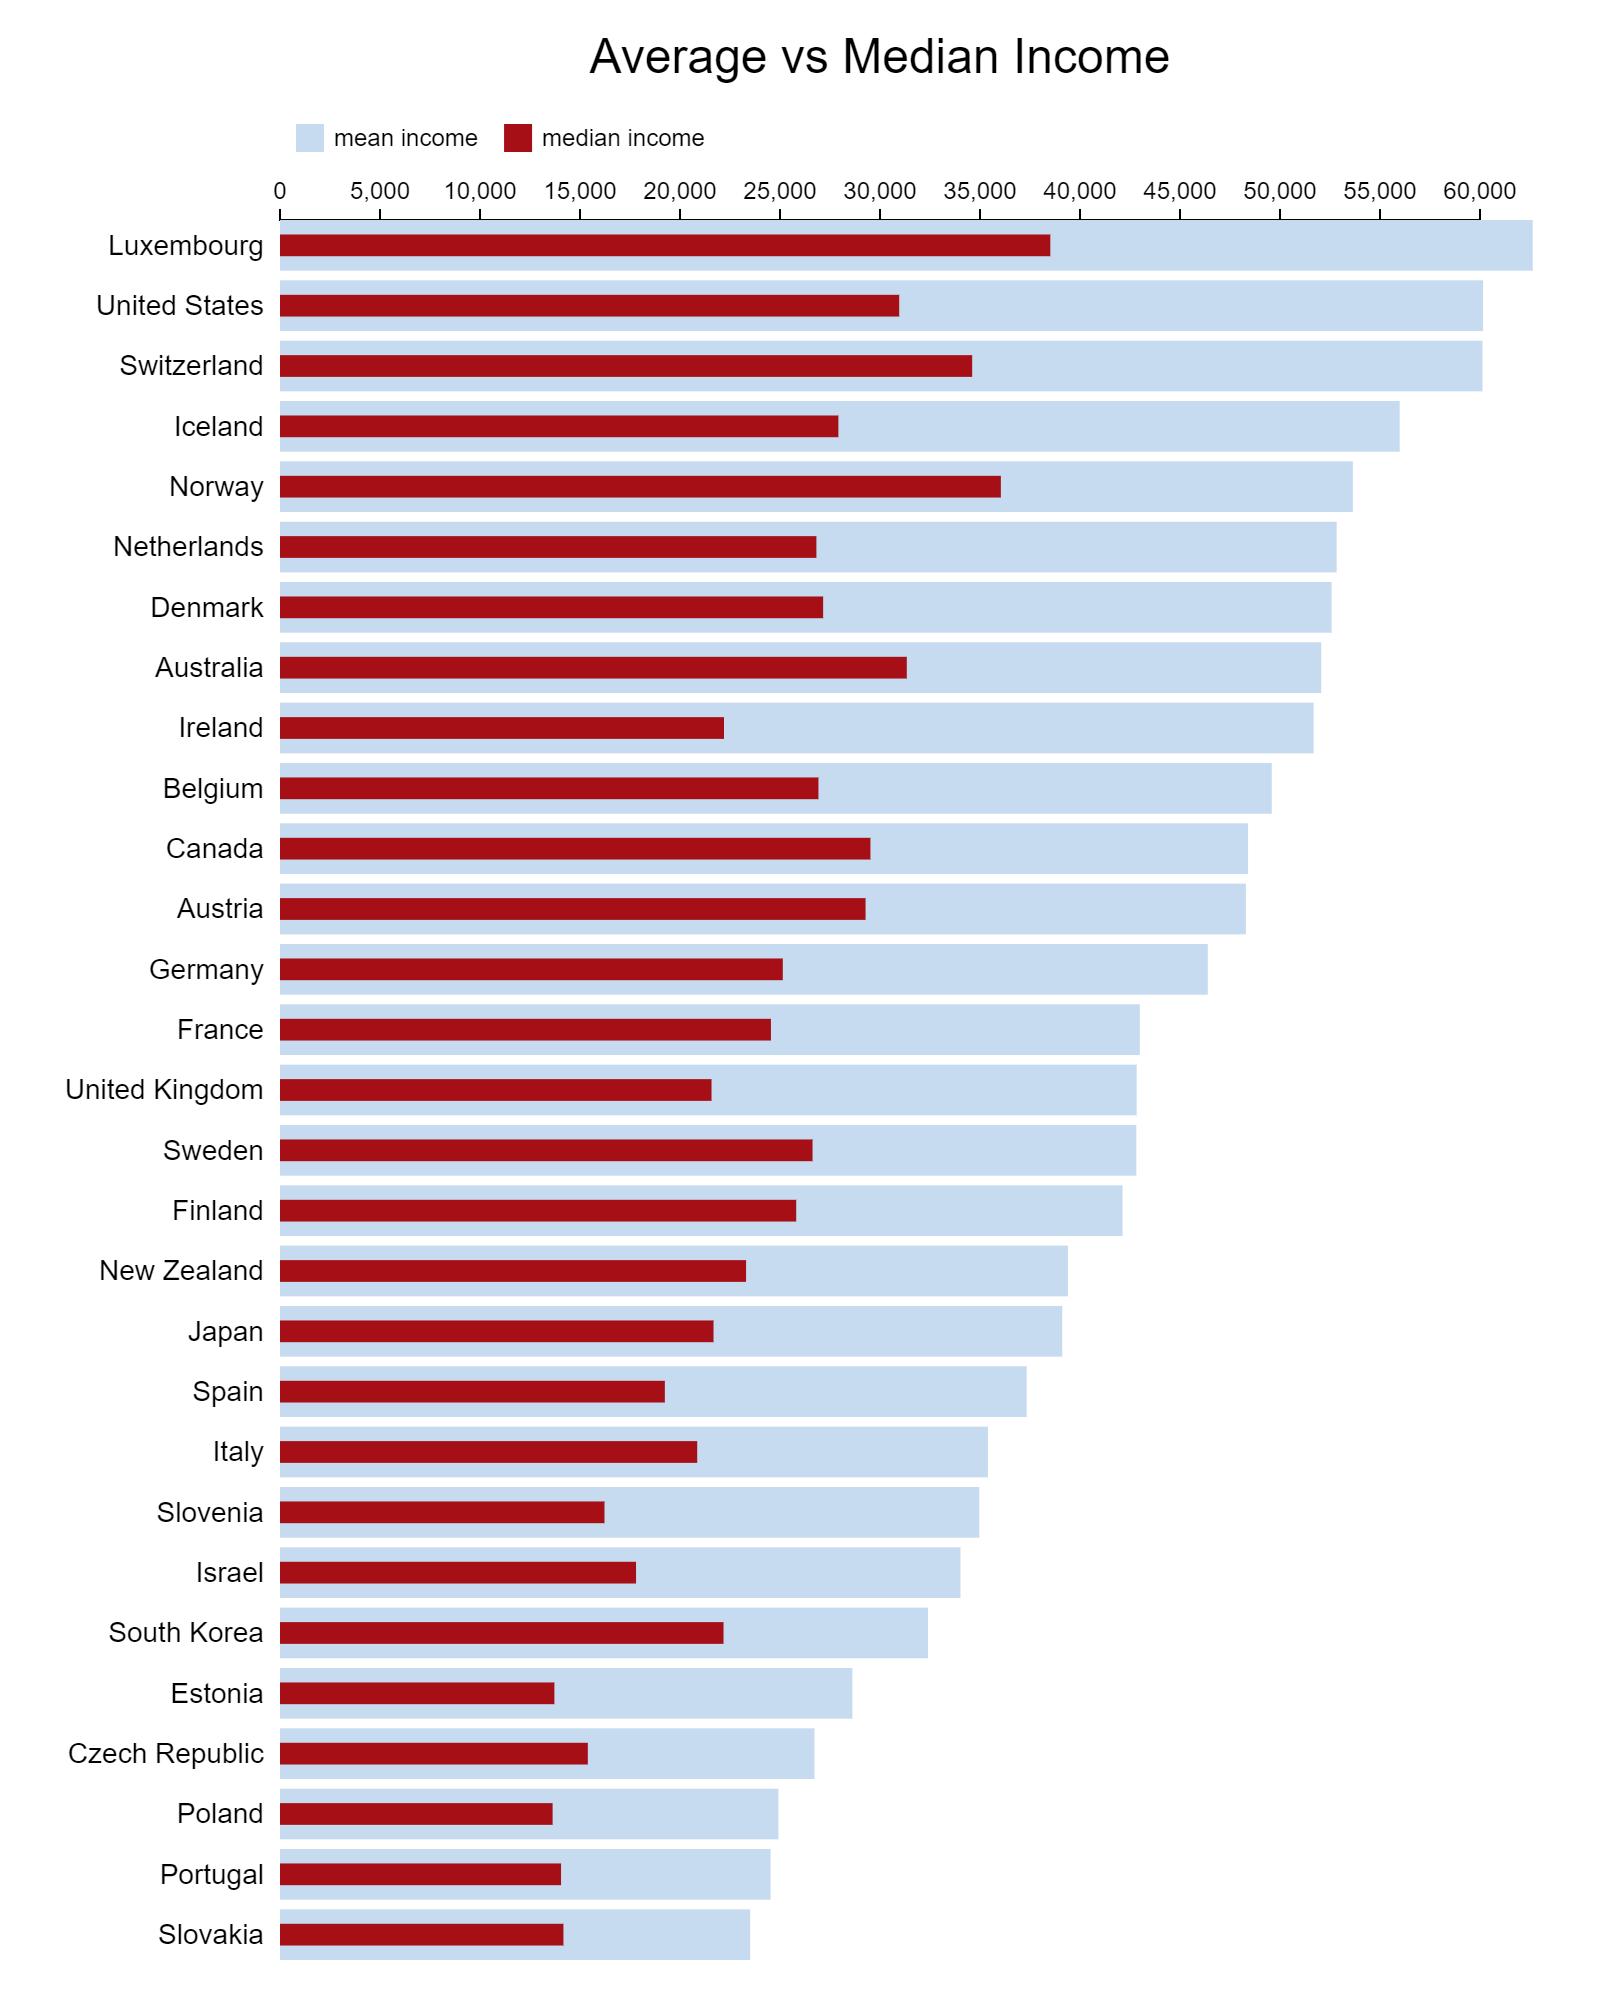 Average vs median income